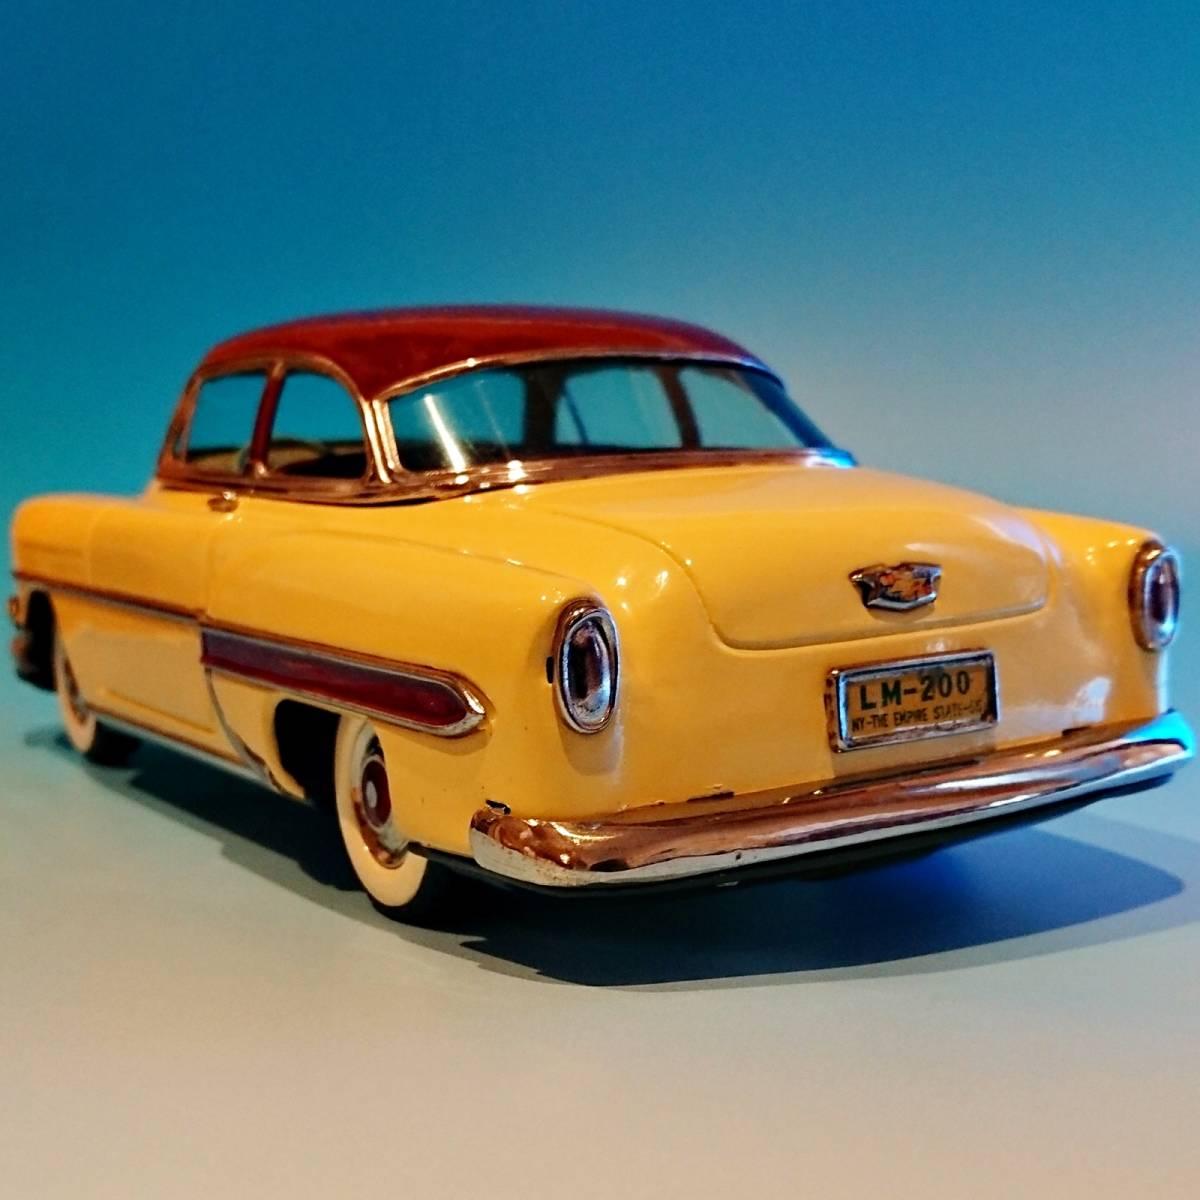 超希少ブリキ! ラインマー シボレー 世界に1つのツートンカラー Linemar Chevrolet マルサン/コスゲ製 リペイント 自動車 ビンテージ _画像7